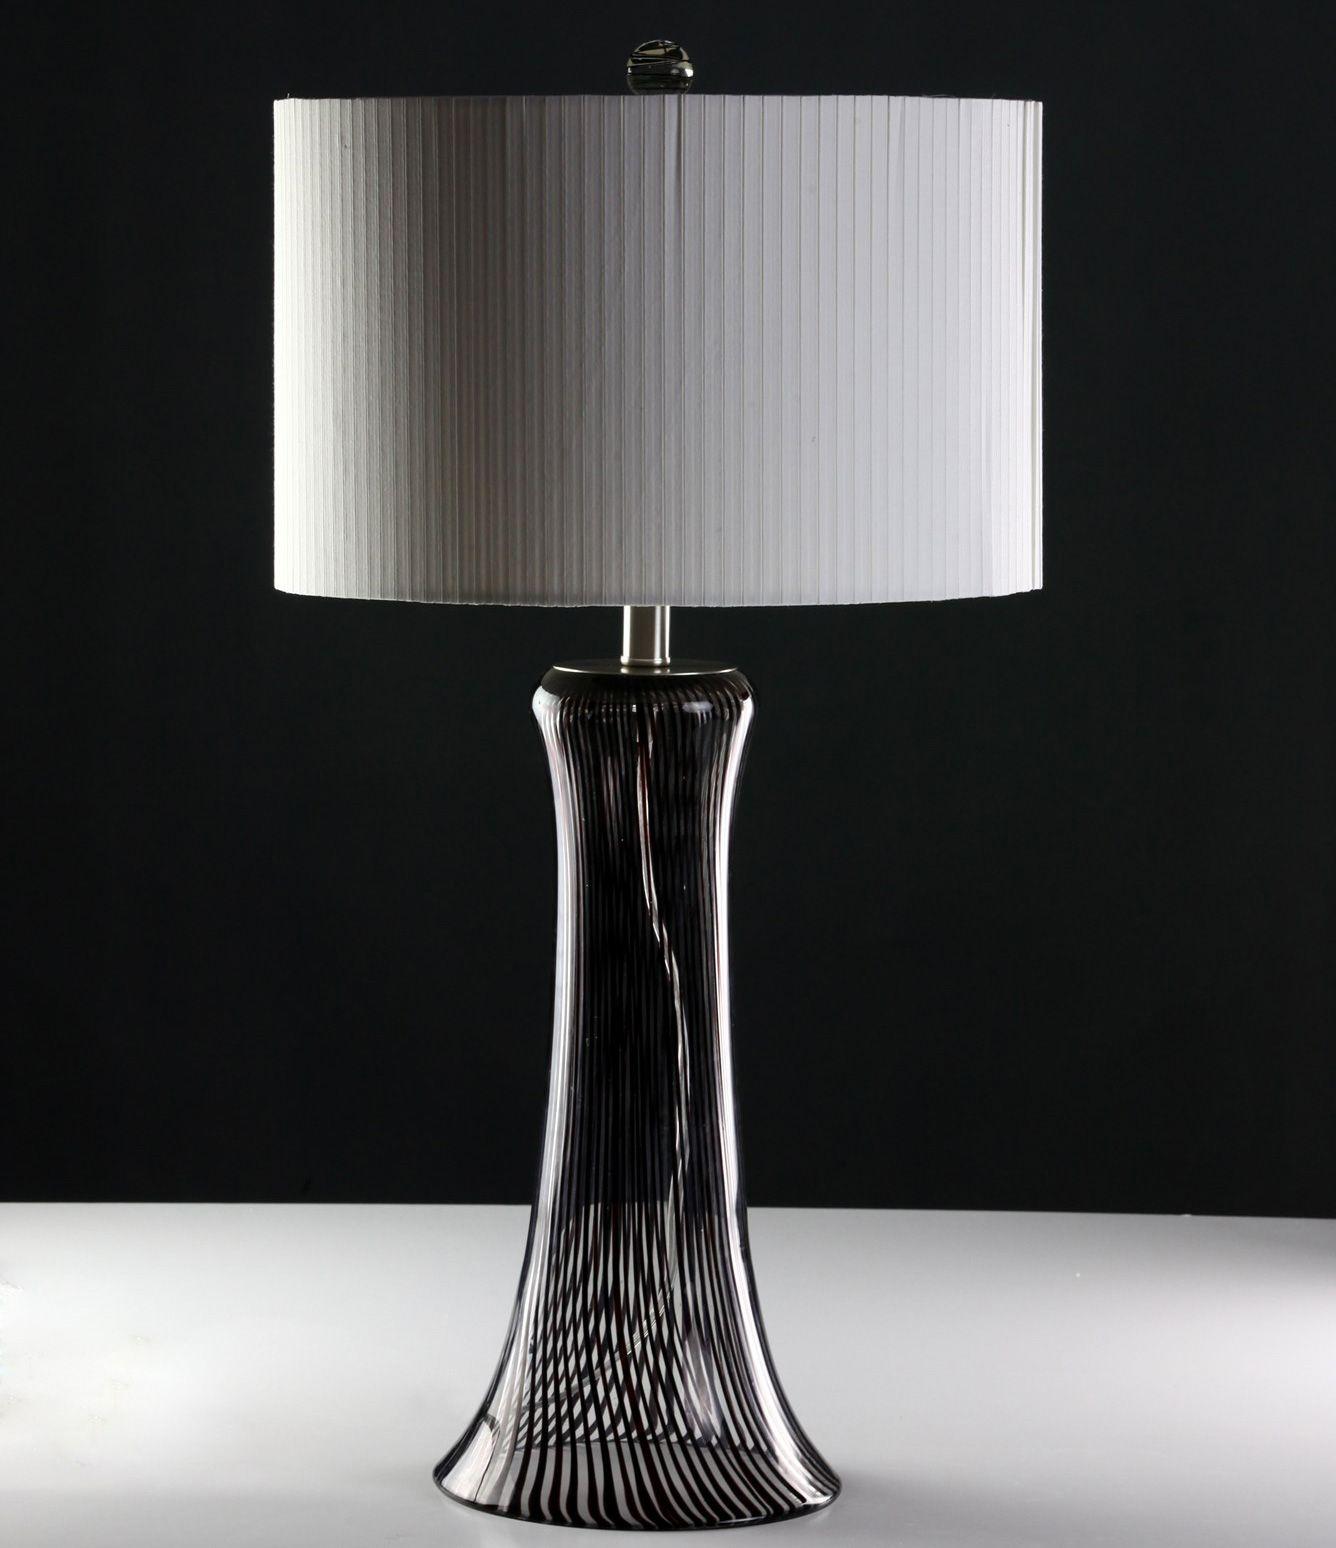 Aestheto Bs Table Lamp By Viz Glass Lamp Table Lamp Lamp Light